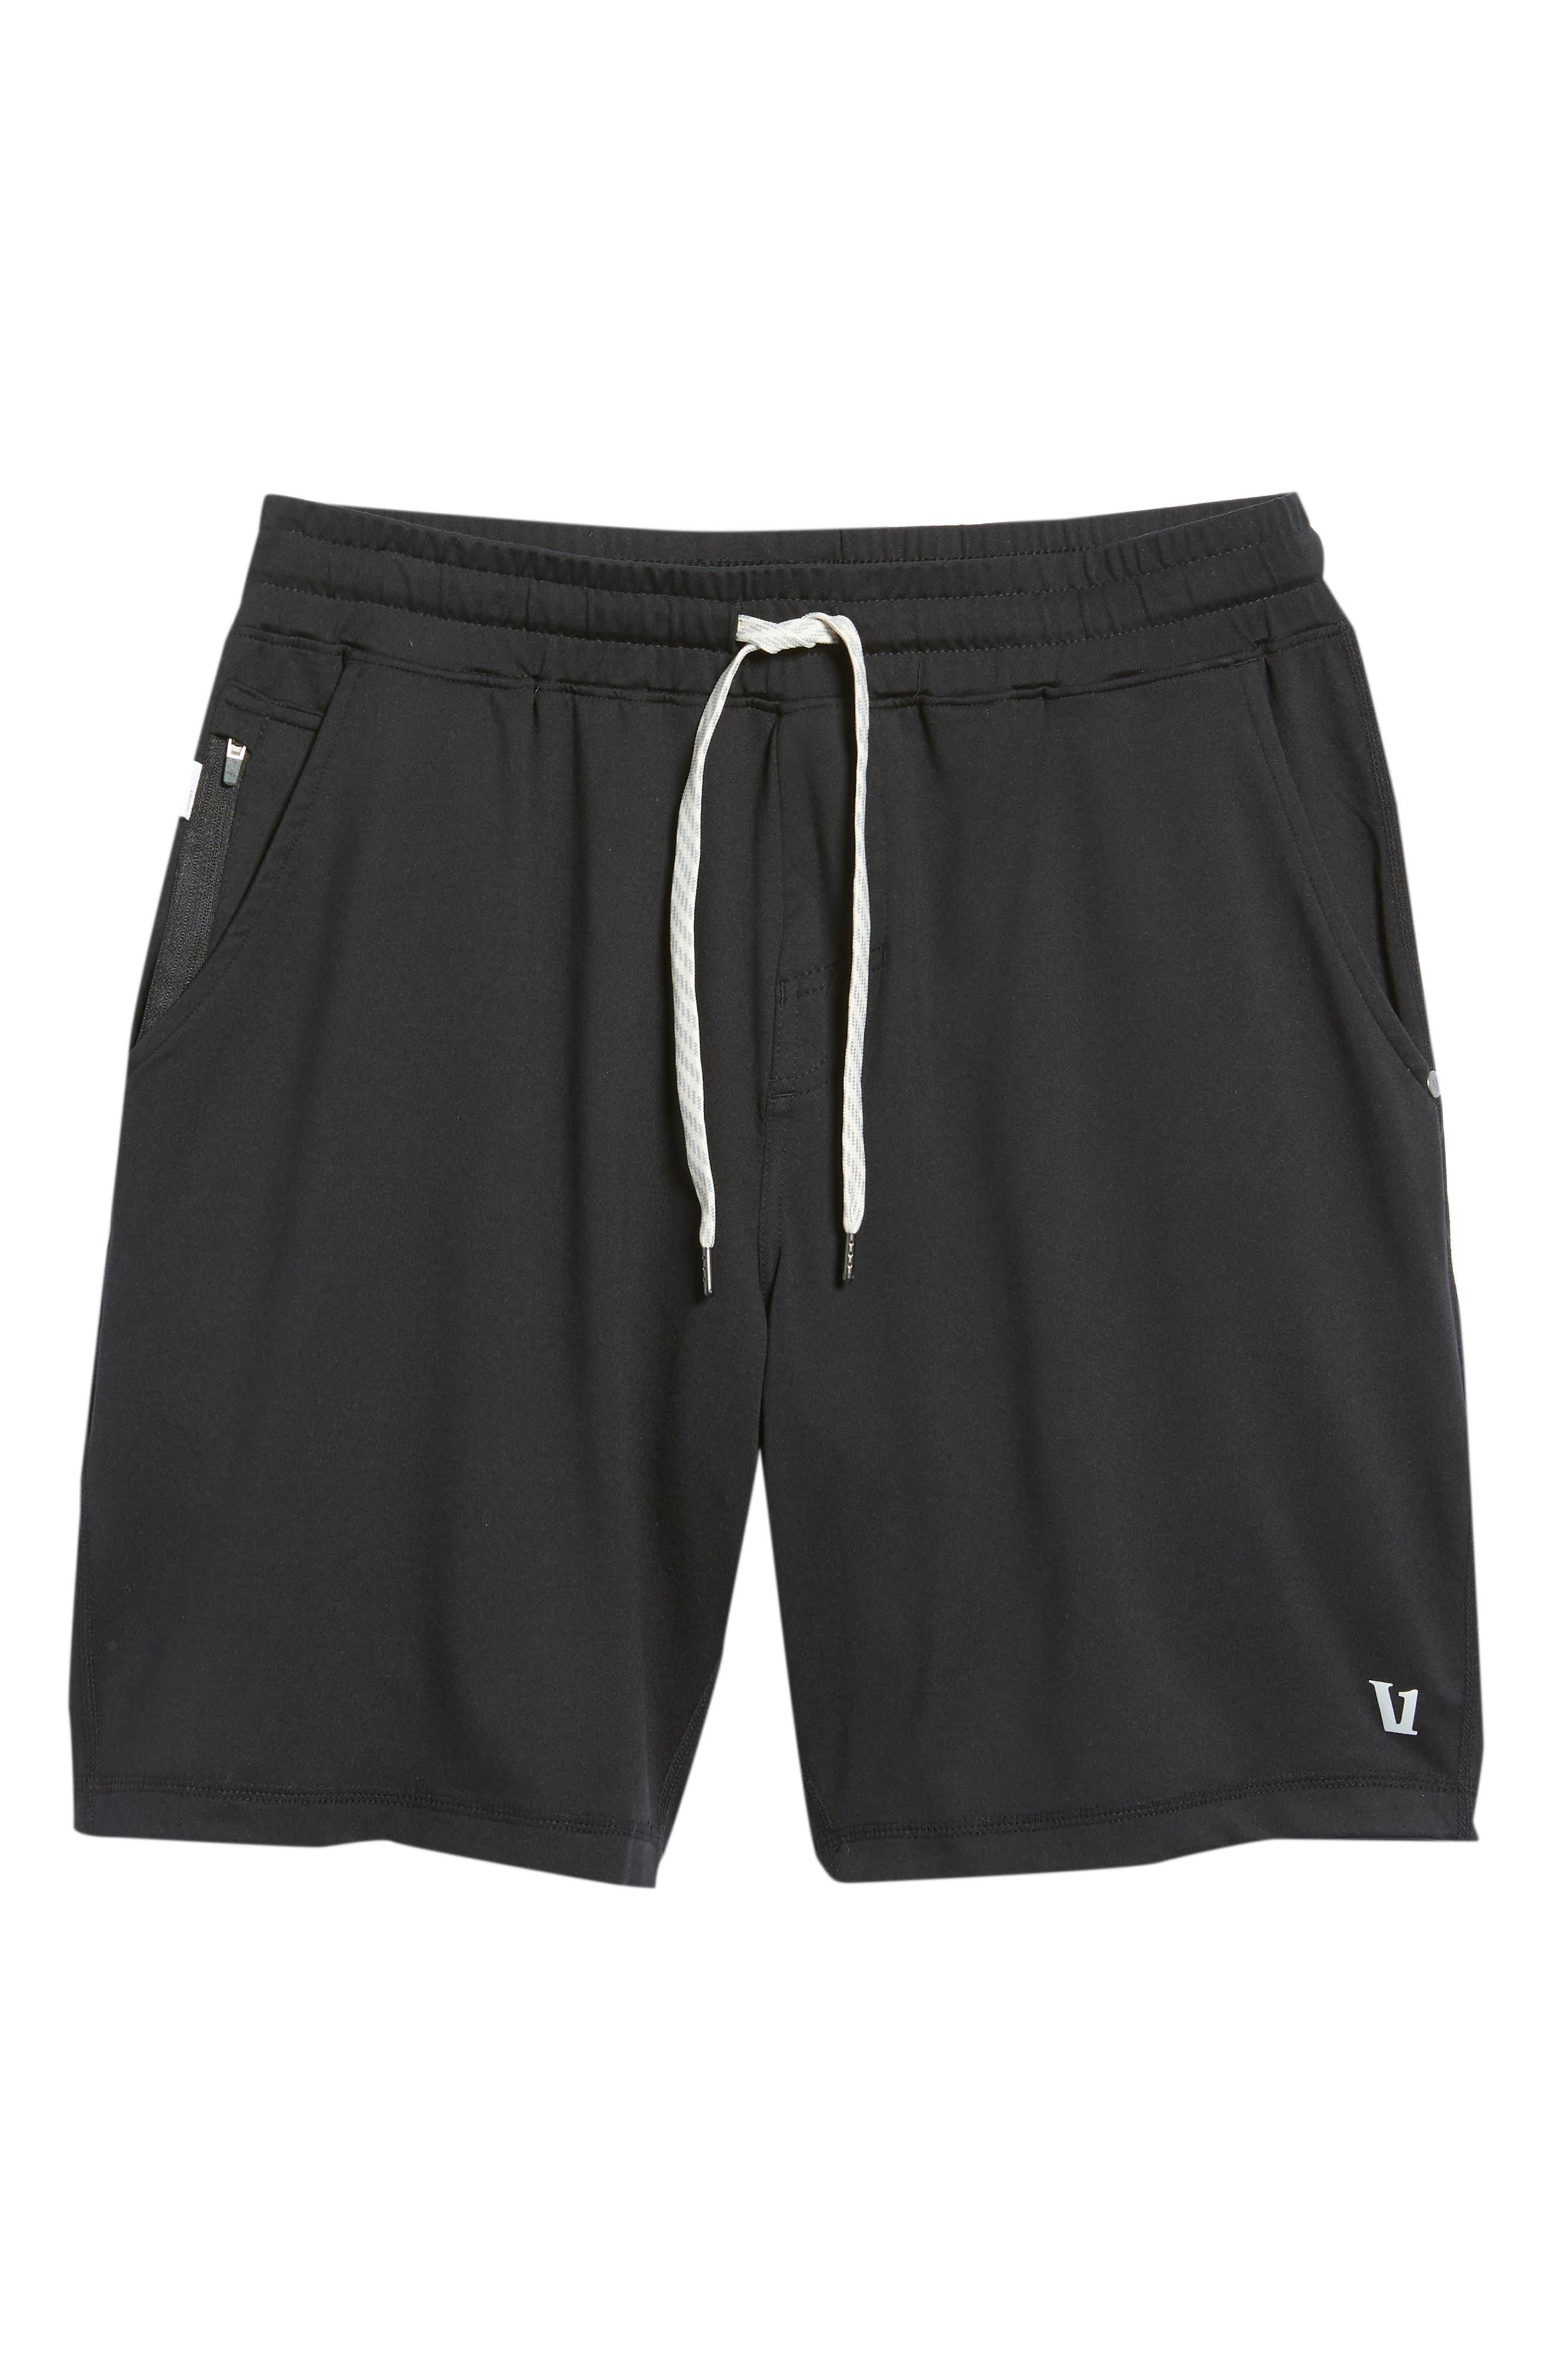 Ponto Shorts,                             Alternate thumbnail 6, color,                             Black